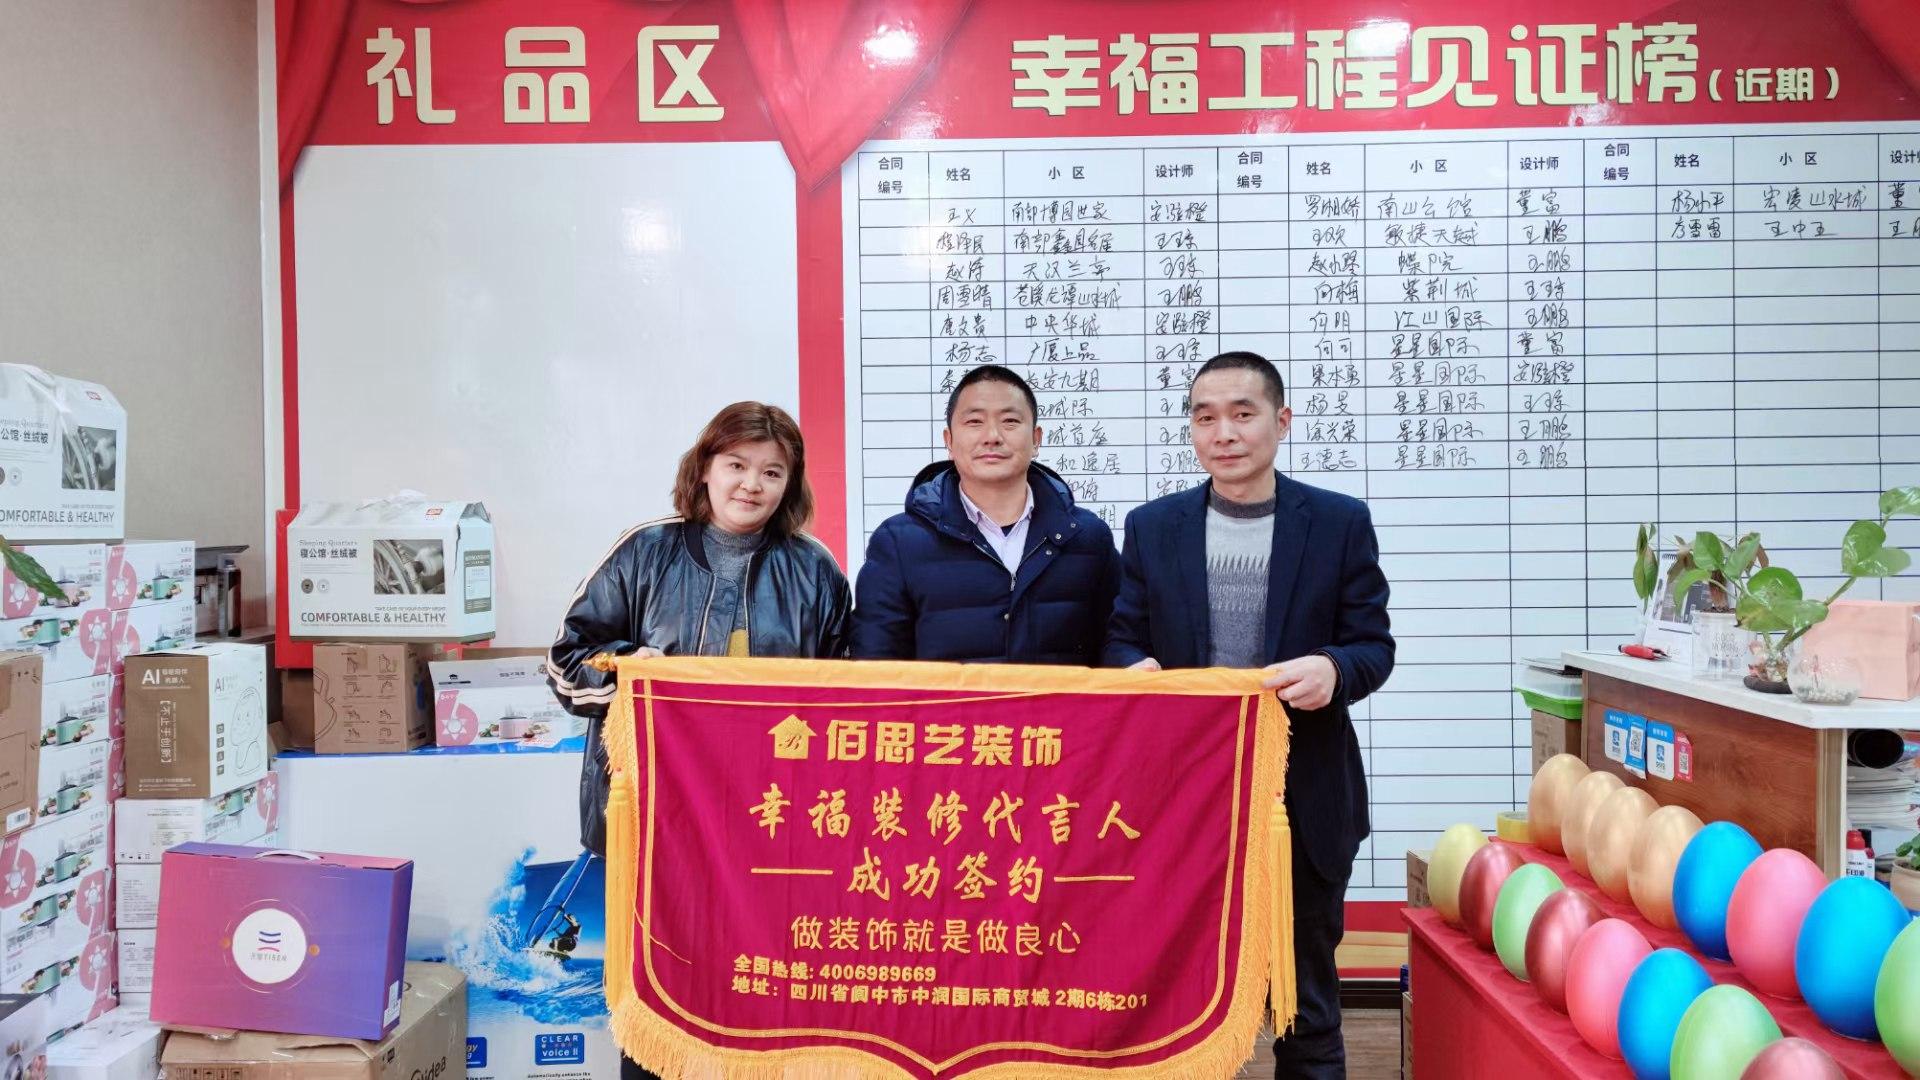 恭祝蓝光星星国际赵先生成功签约佰思艺装饰